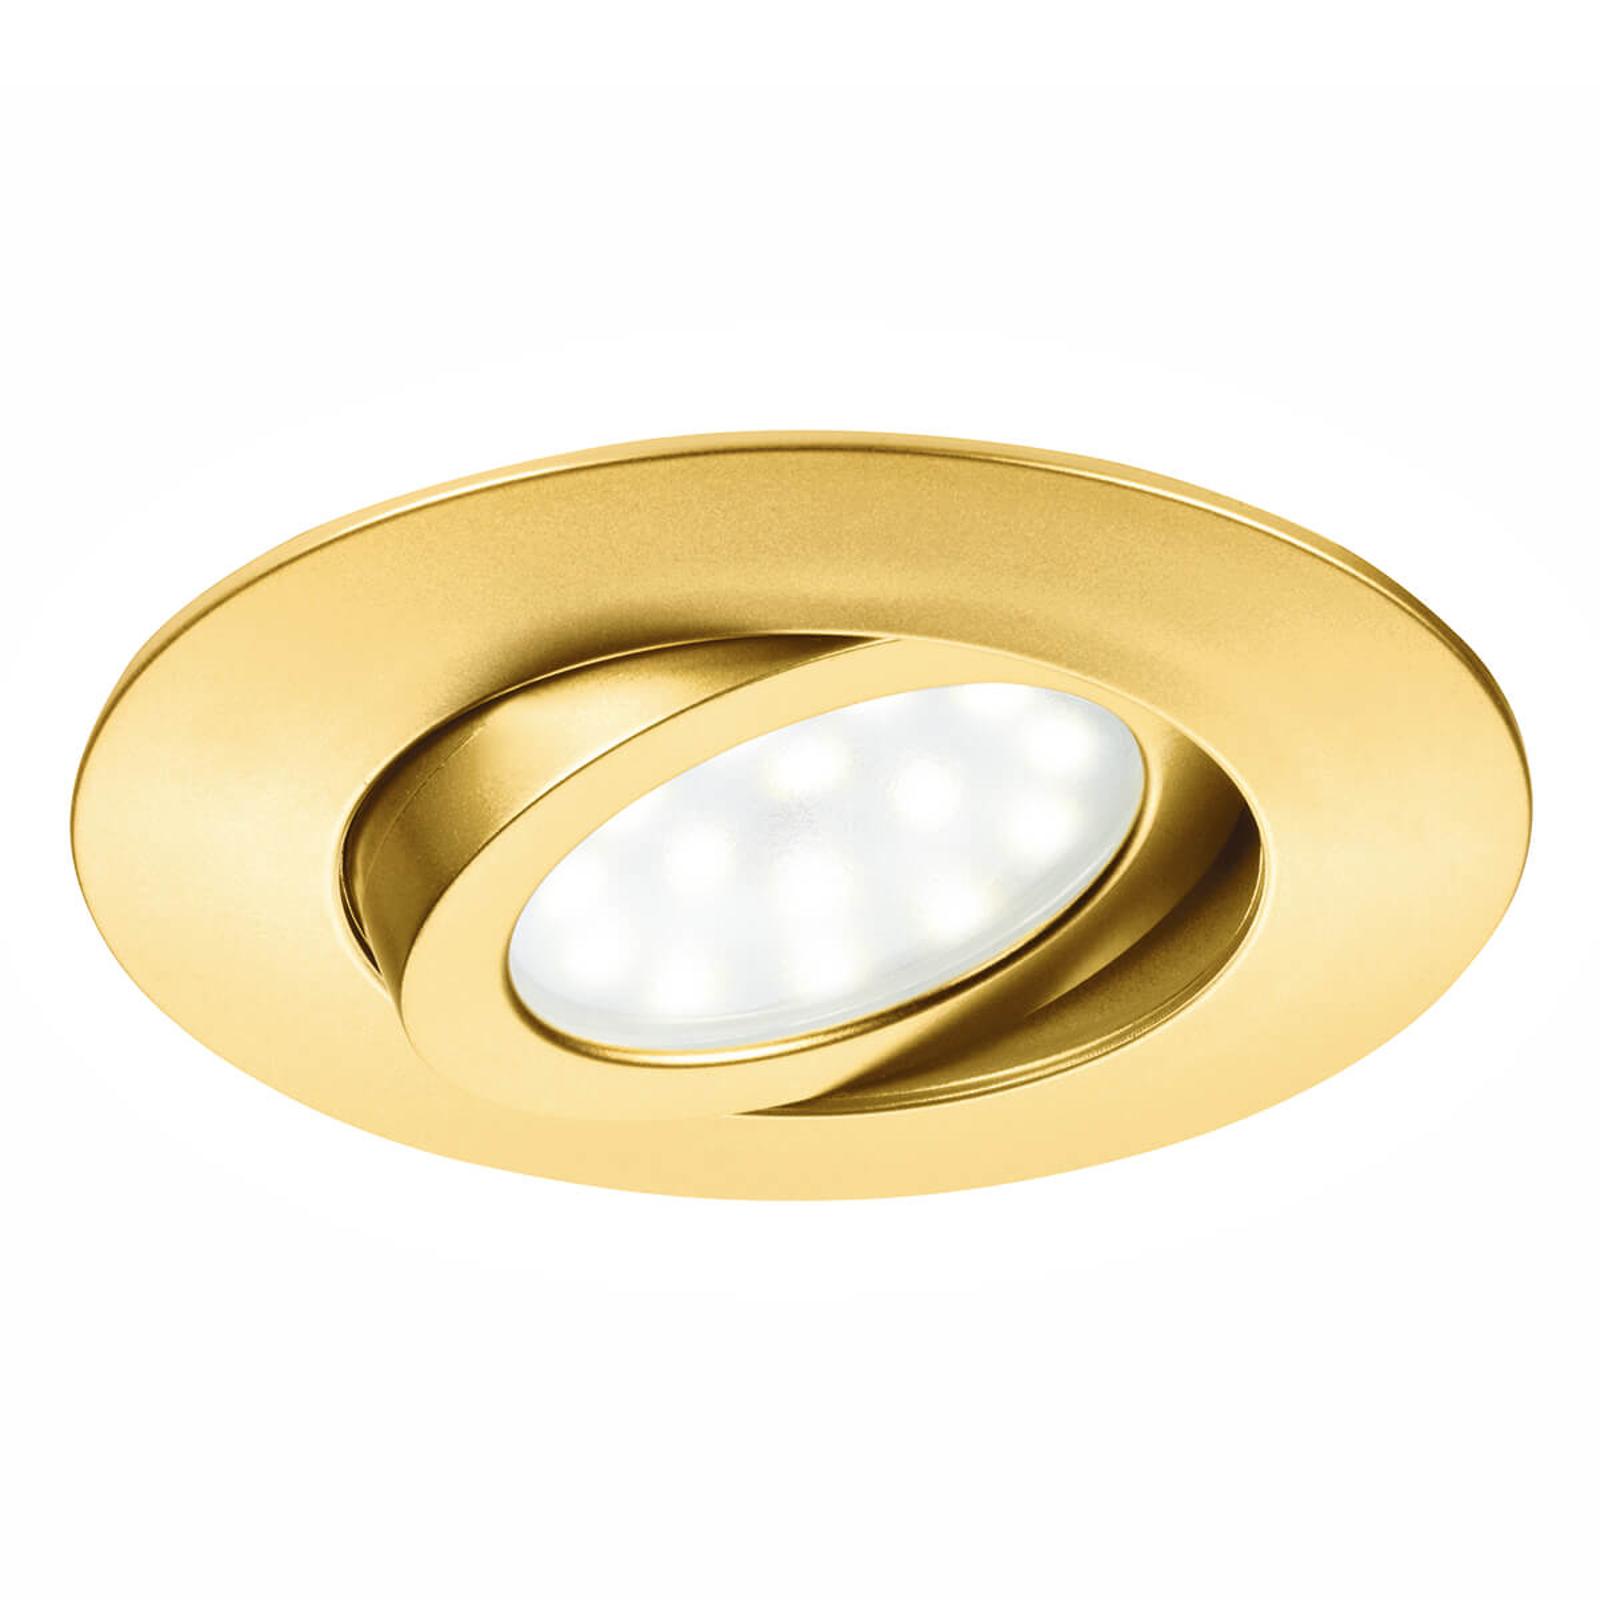 Zenit LED-indbygningsspot med IP44, guld